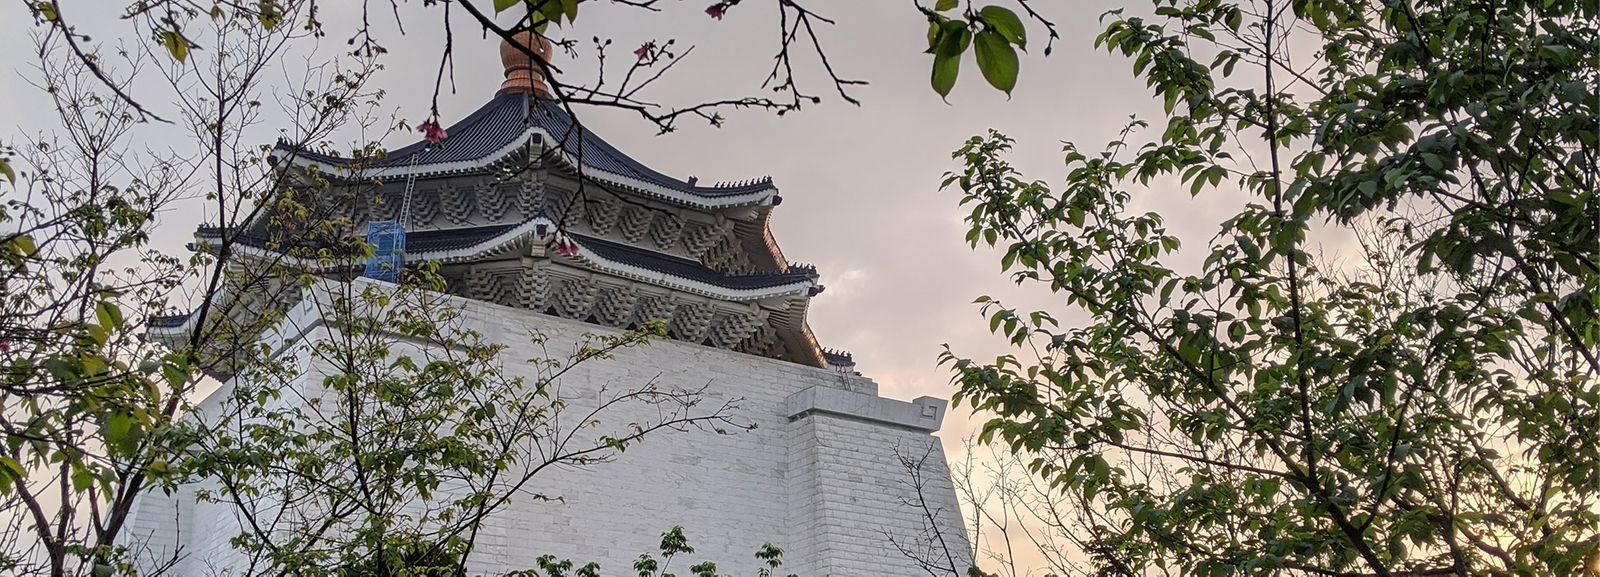 Springtime at Chiang Kai-Sheck Memorial Hall in Taipei